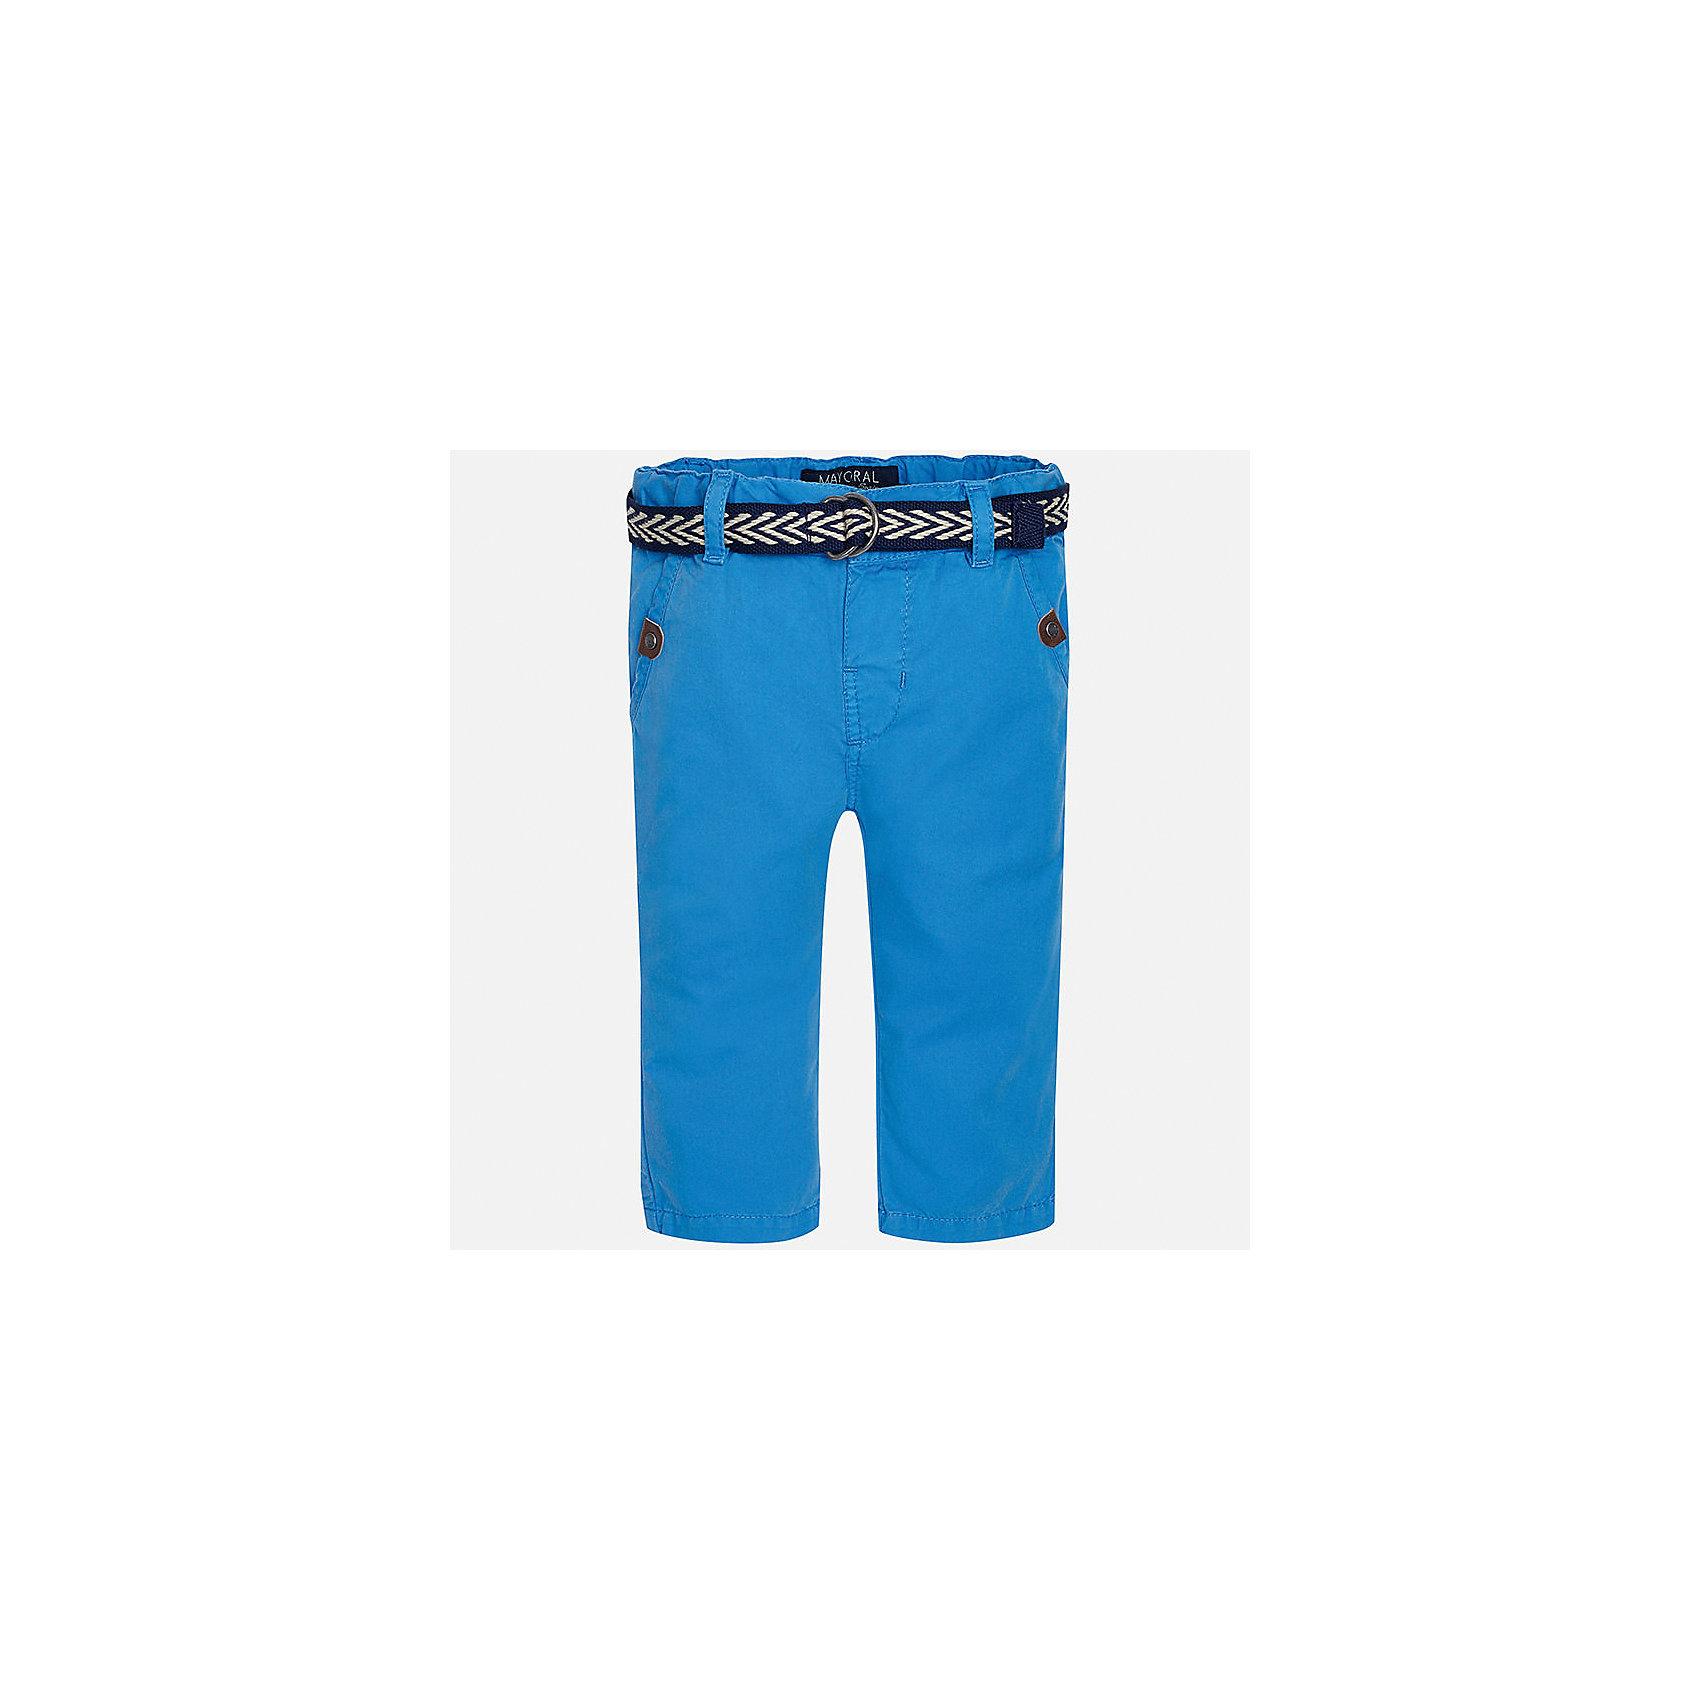 Брюки для мальчика MayoralБрюки<br>Характеристики товара:<br><br>• цвет: голубой<br>• состав: 100% хлопок<br>• ремень в комплекте<br>• шлевки<br>• карманы<br>• пояс с регулировкой объема<br>• классический силуэт<br>• страна бренда: Испания<br><br>Модные брюки для мальчика смогут стать базовой вещью в гардеробе ребенка. Они отлично сочетаются с майками, футболками, рубашками и т.д. Универсальный крой и цвет позволяет подобрать к вещи верх разных расцветок. Практичное и стильное изделие! В составе материала - натуральный хлопок, гипоаллергенный, приятный на ощупь, дышащий.<br><br>Одежда, обувь и аксессуары от испанского бренда Mayoral полюбились детям и взрослым по всему миру. Модели этой марки - стильные и удобные. Для их производства используются только безопасные, качественные материалы и фурнитура. Порадуйте ребенка модными и красивыми вещами от Mayoral! <br><br>Брюки для мальчика от испанского бренда Mayoral (Майорал) можно купить в нашем интернет-магазине.<br><br>Ширина мм: 215<br>Глубина мм: 88<br>Высота мм: 191<br>Вес г: 336<br>Цвет: синий<br>Возраст от месяцев: 18<br>Возраст до месяцев: 24<br>Пол: Мужской<br>Возраст: Детский<br>Размер: 92,86,80<br>SKU: 5279633